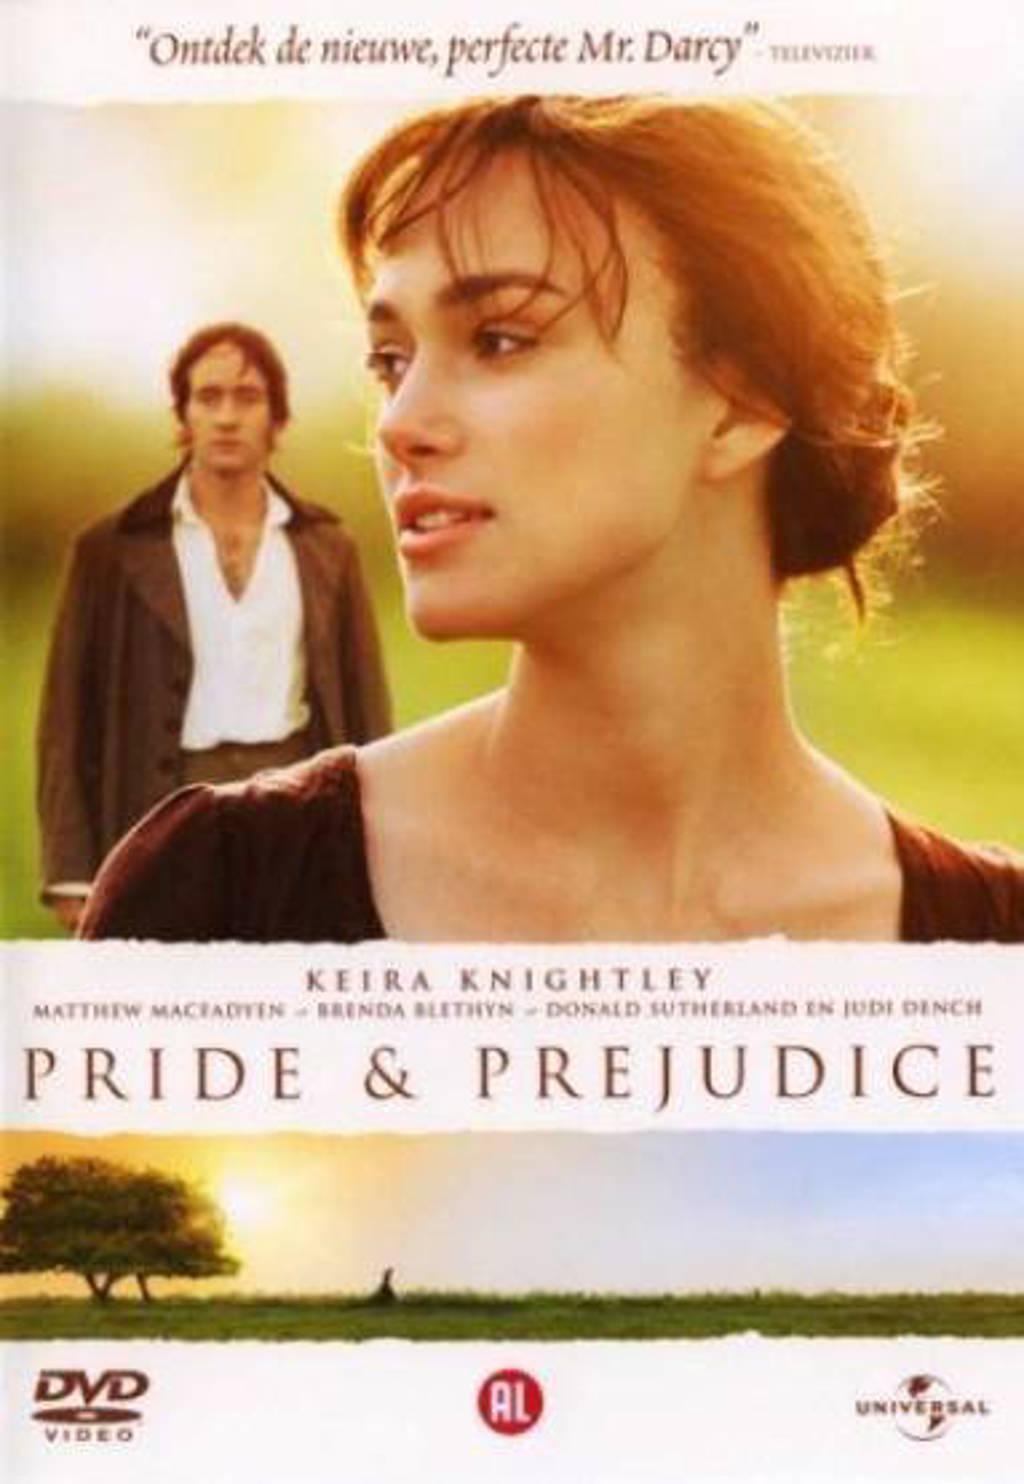 Pride & prejudice (2005) (DVD)